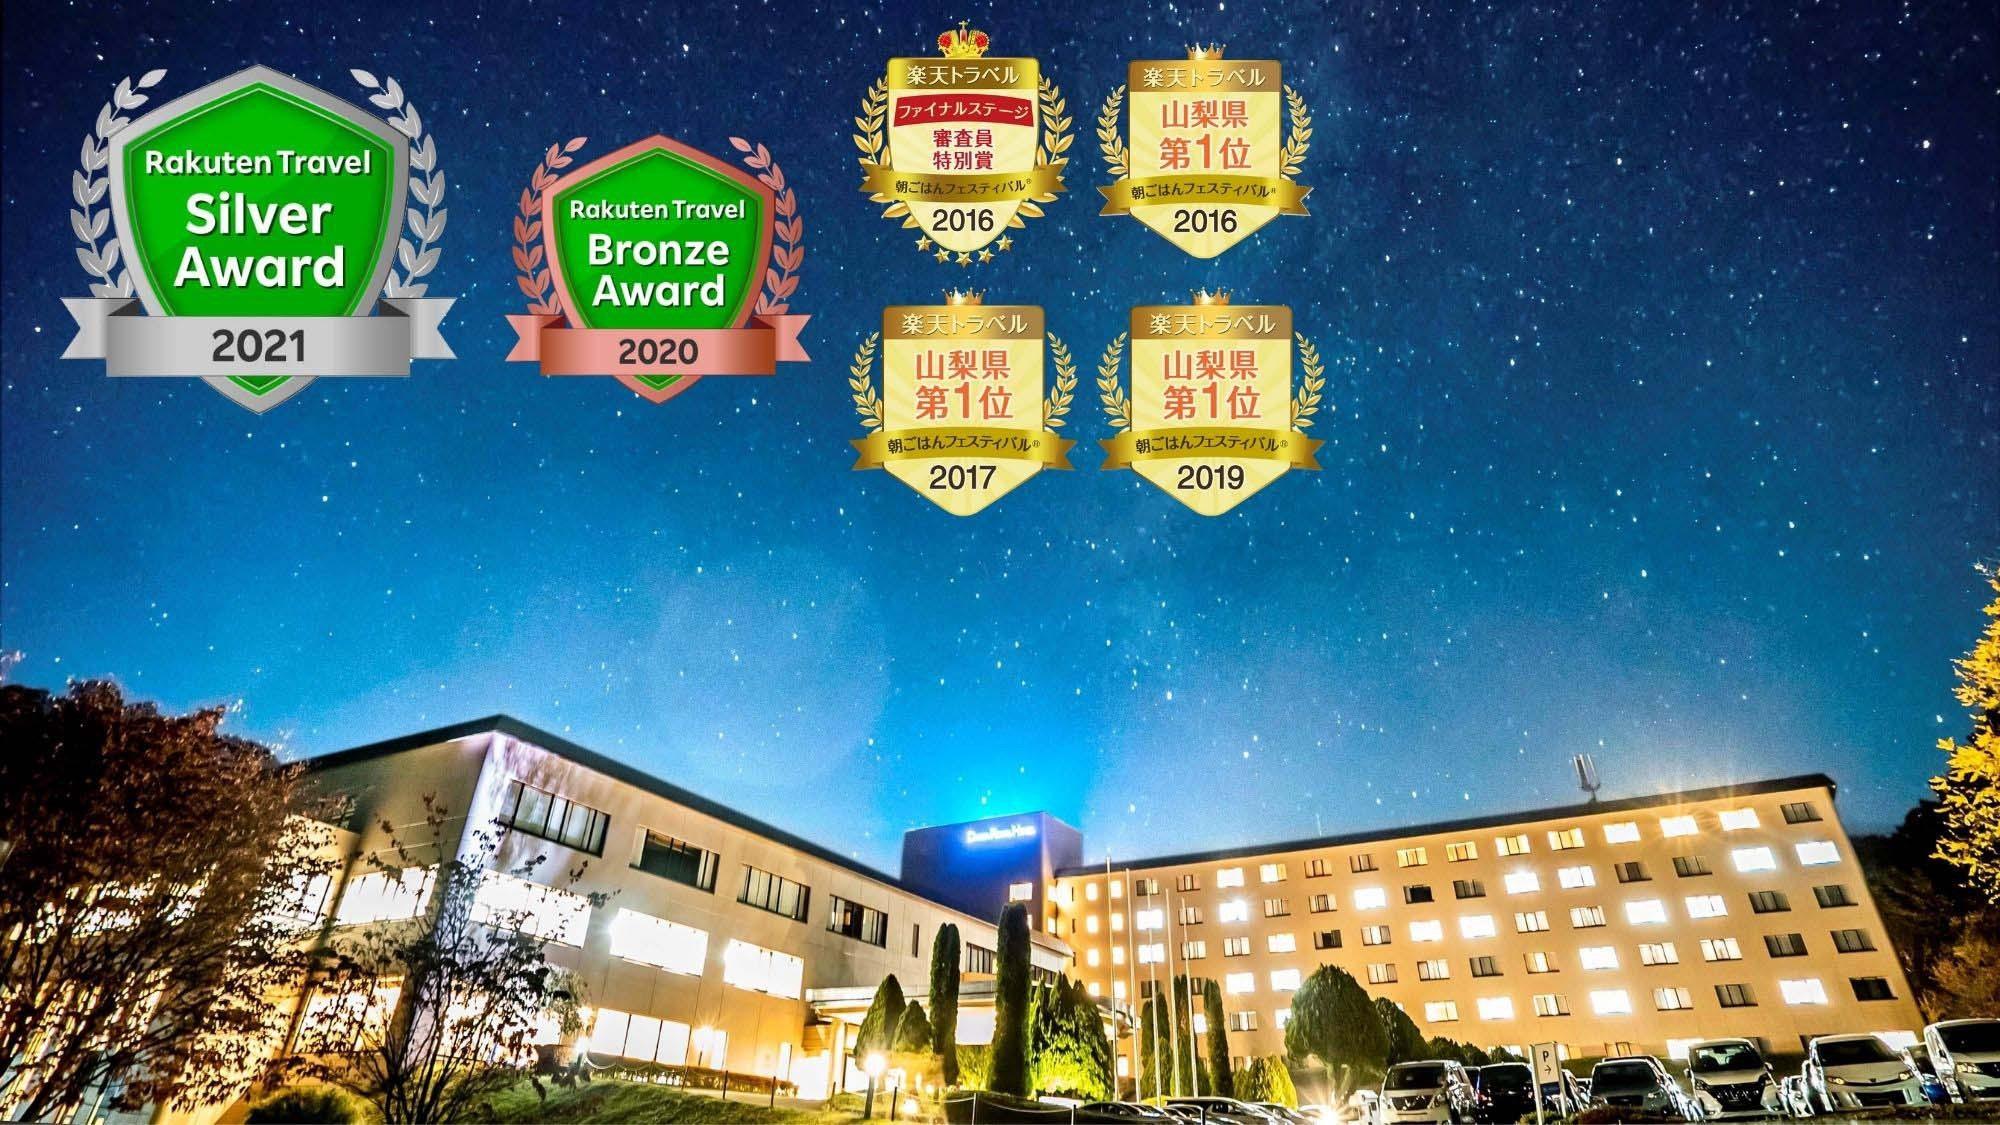 ロイヤルホテル 八ヶ岳(旧:大泉高原八ヶ岳ロイヤルホテル)...